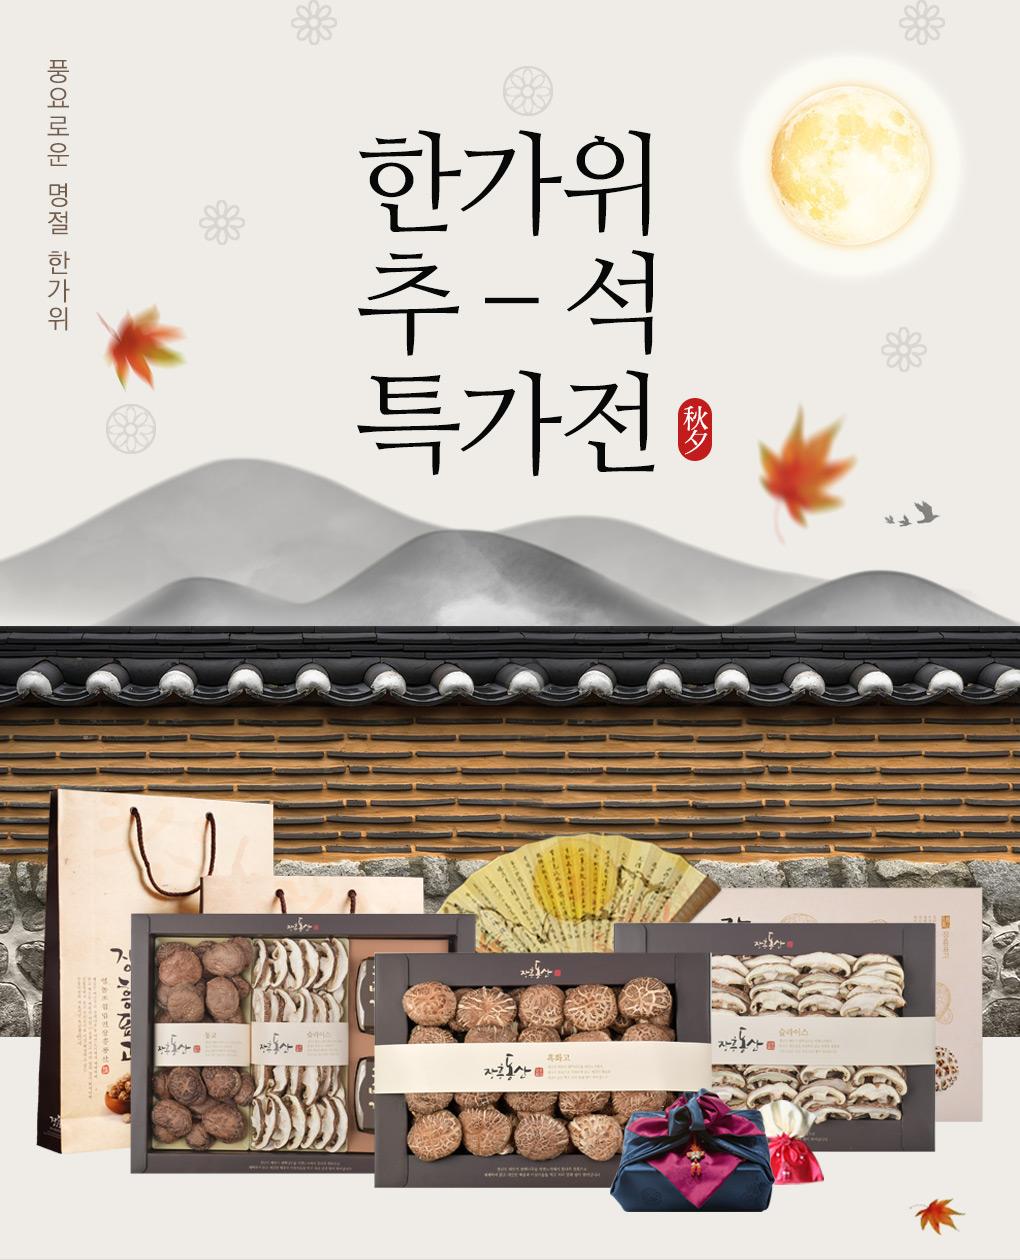 [2019 추석]장흥표고버섯 선물세트 모음전